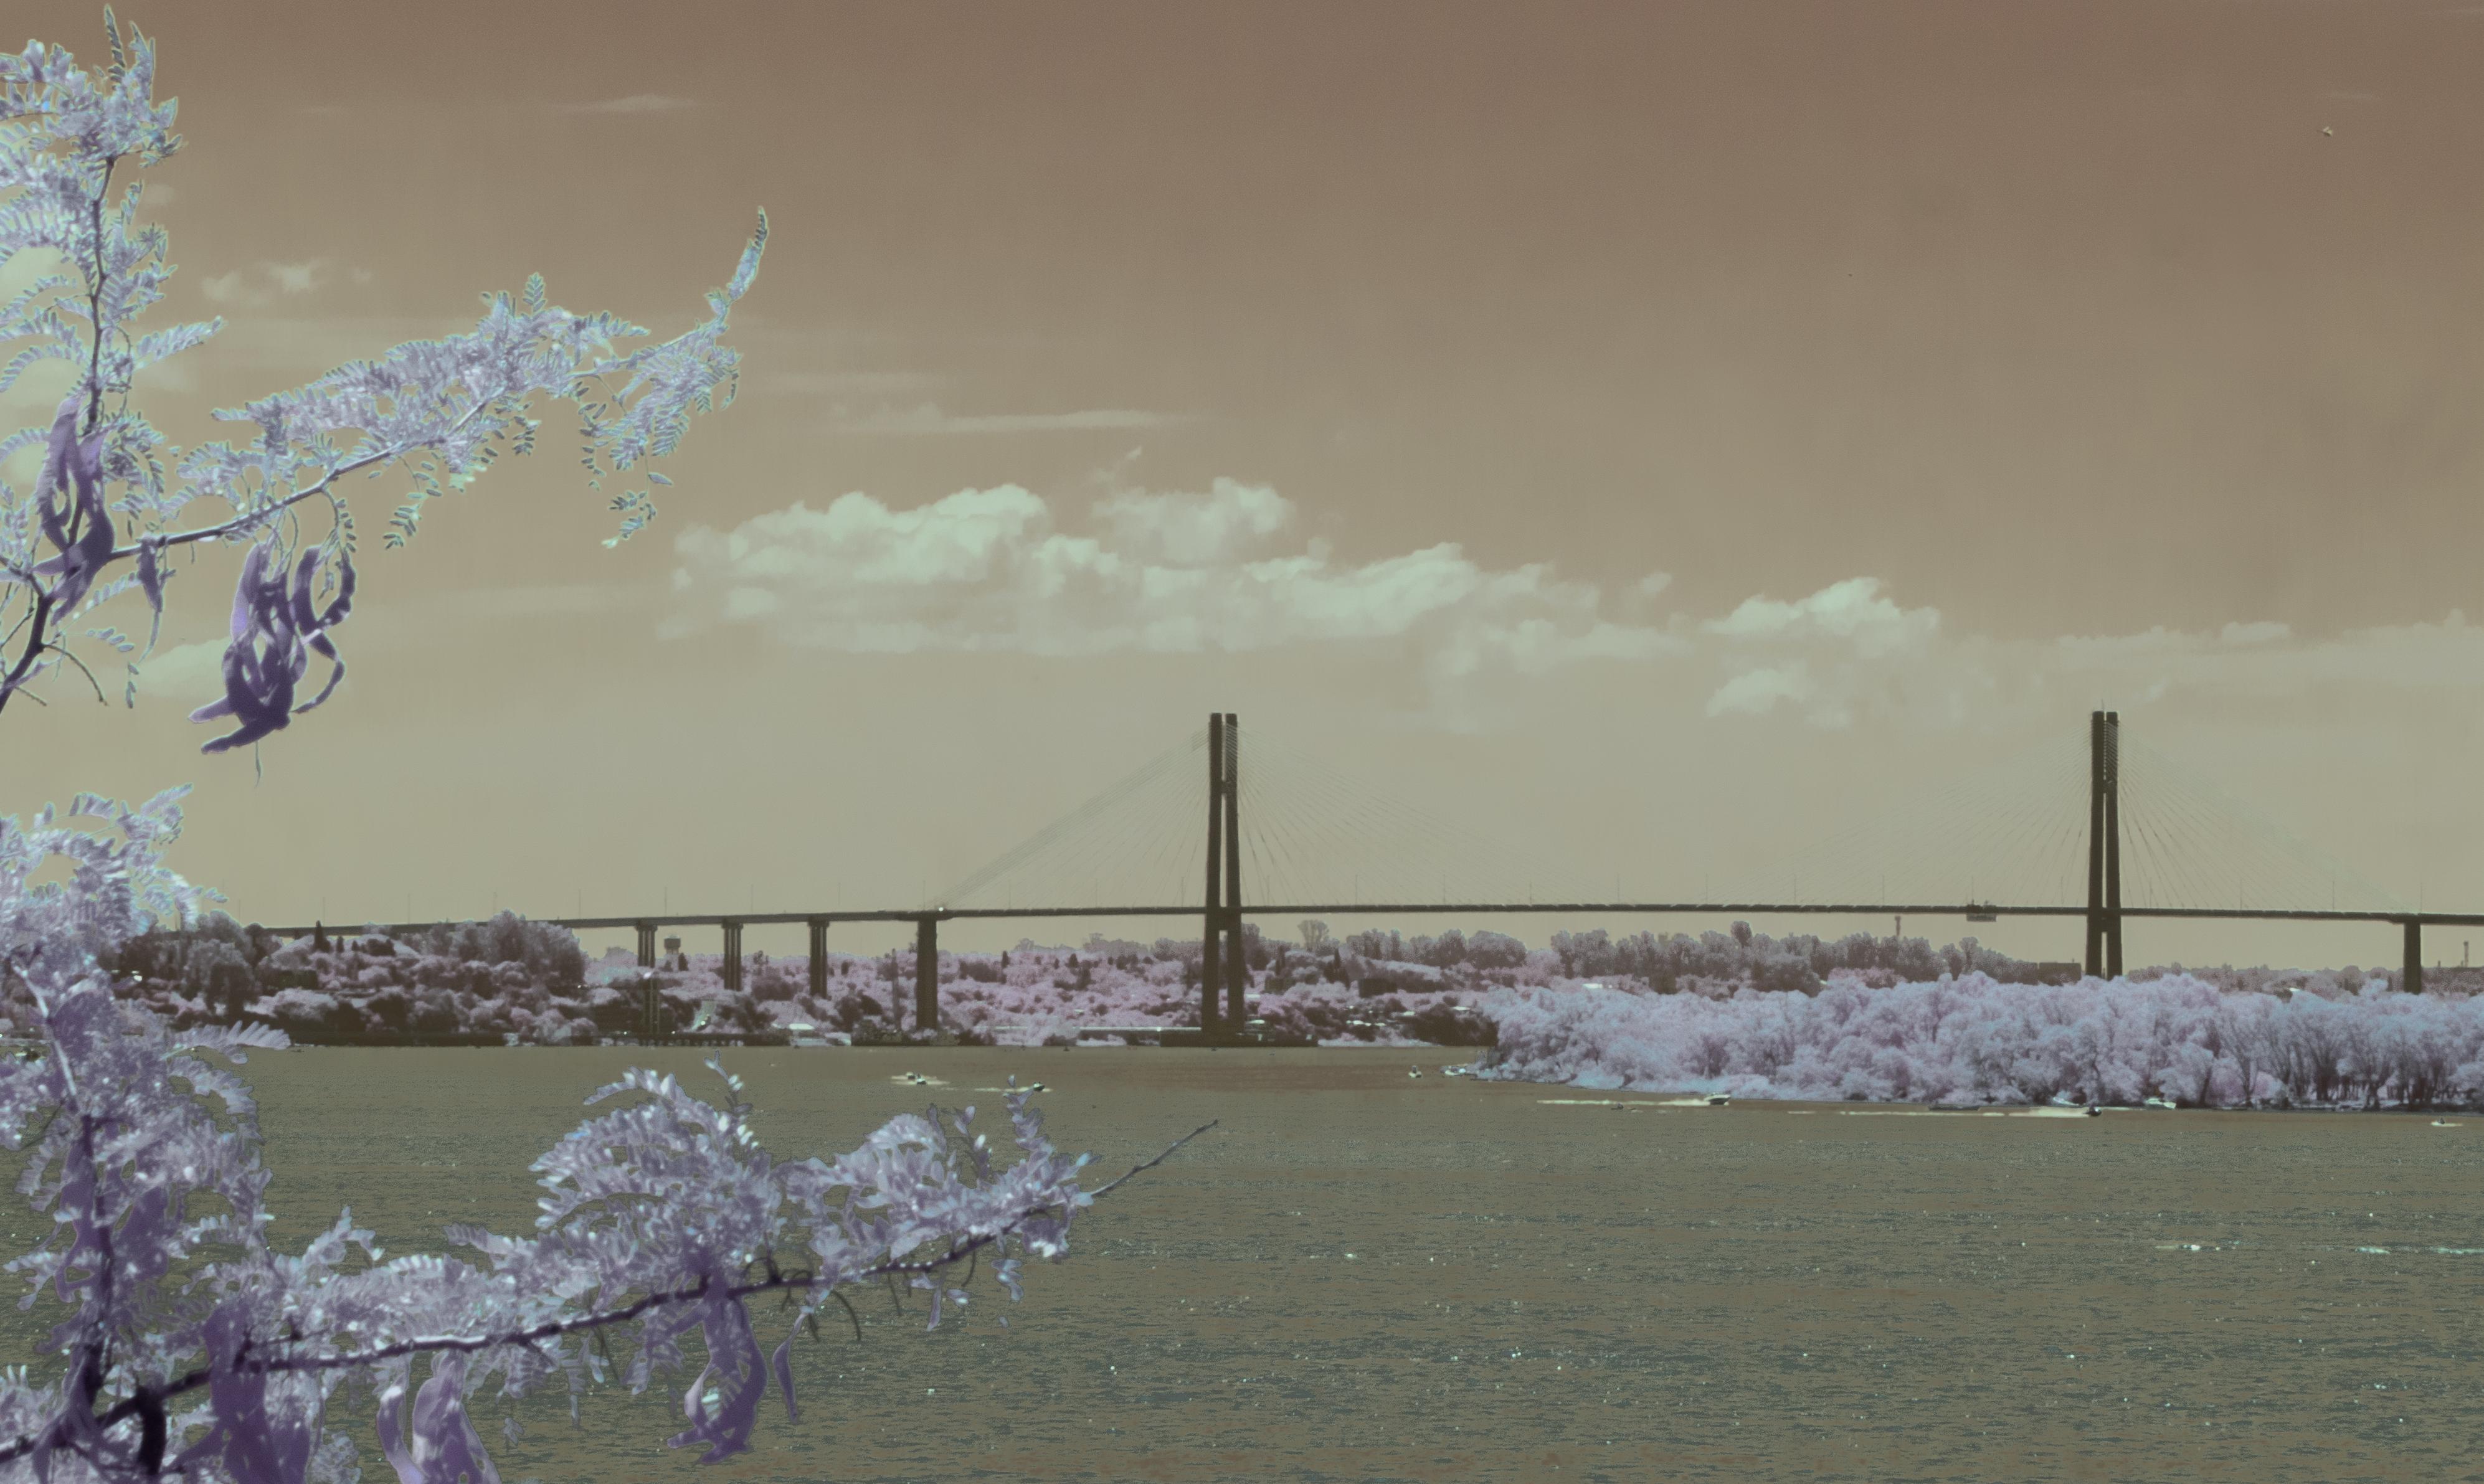 El puente Rosario-Victoria (infrarroja)